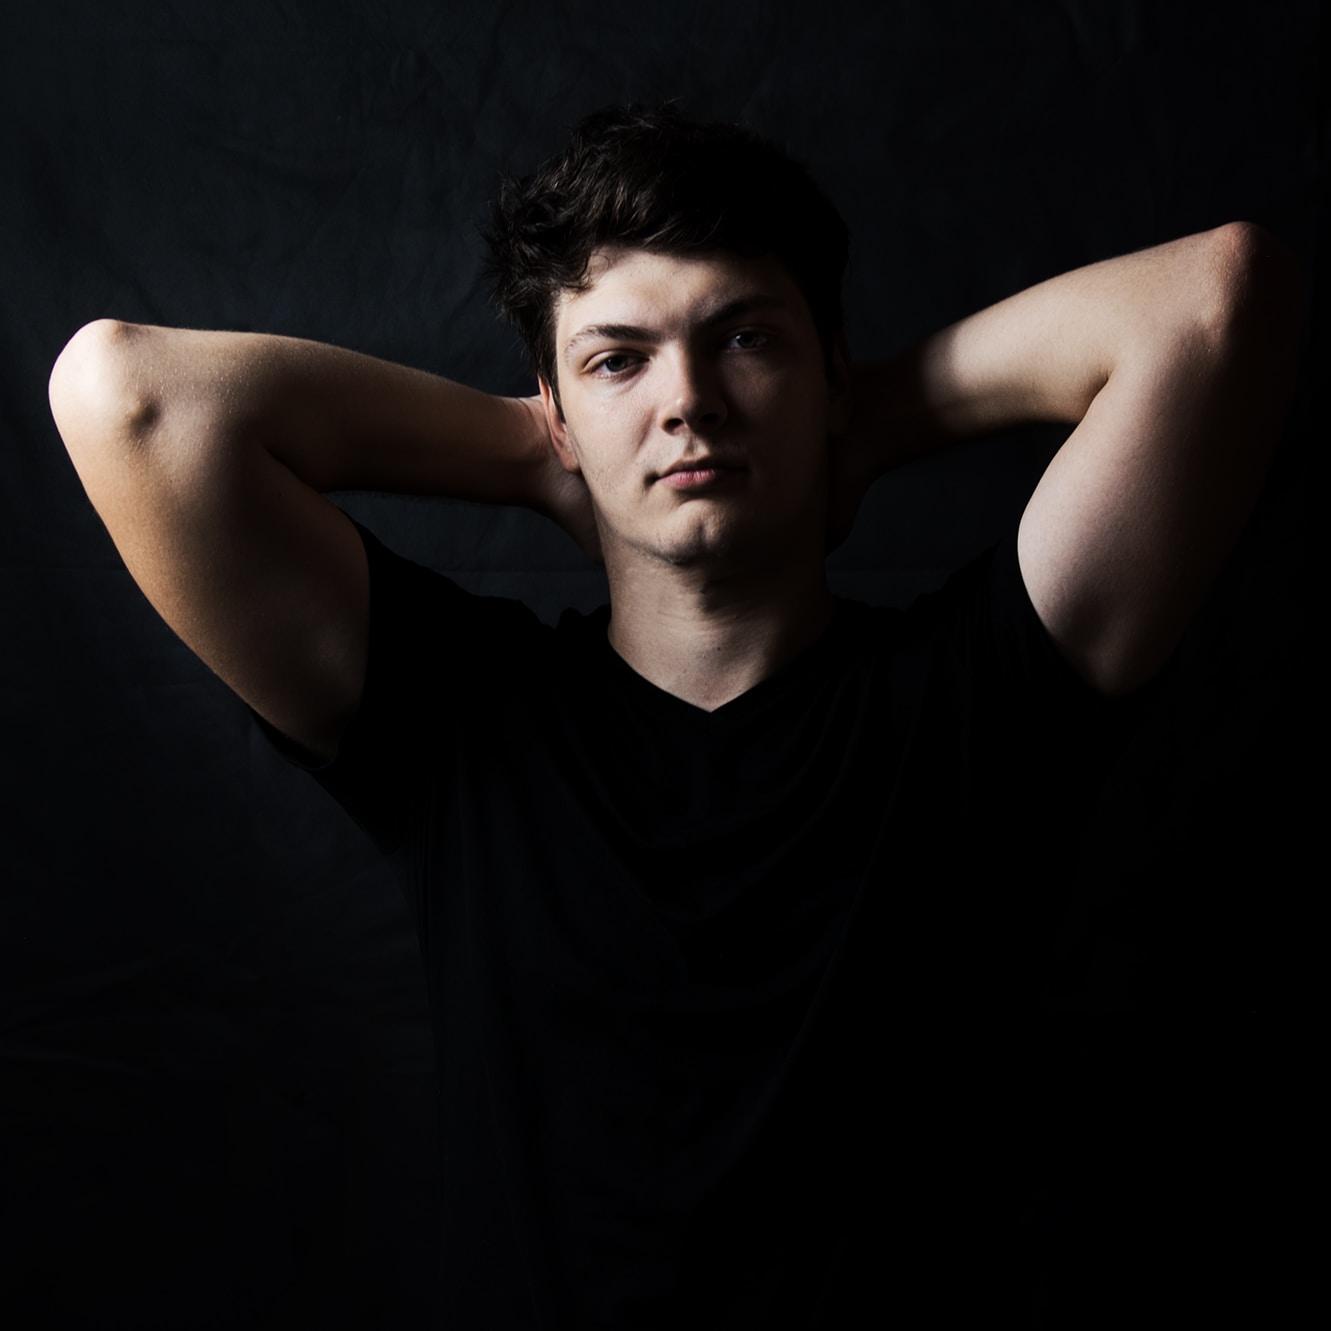 Go to Max Rovensky's profile